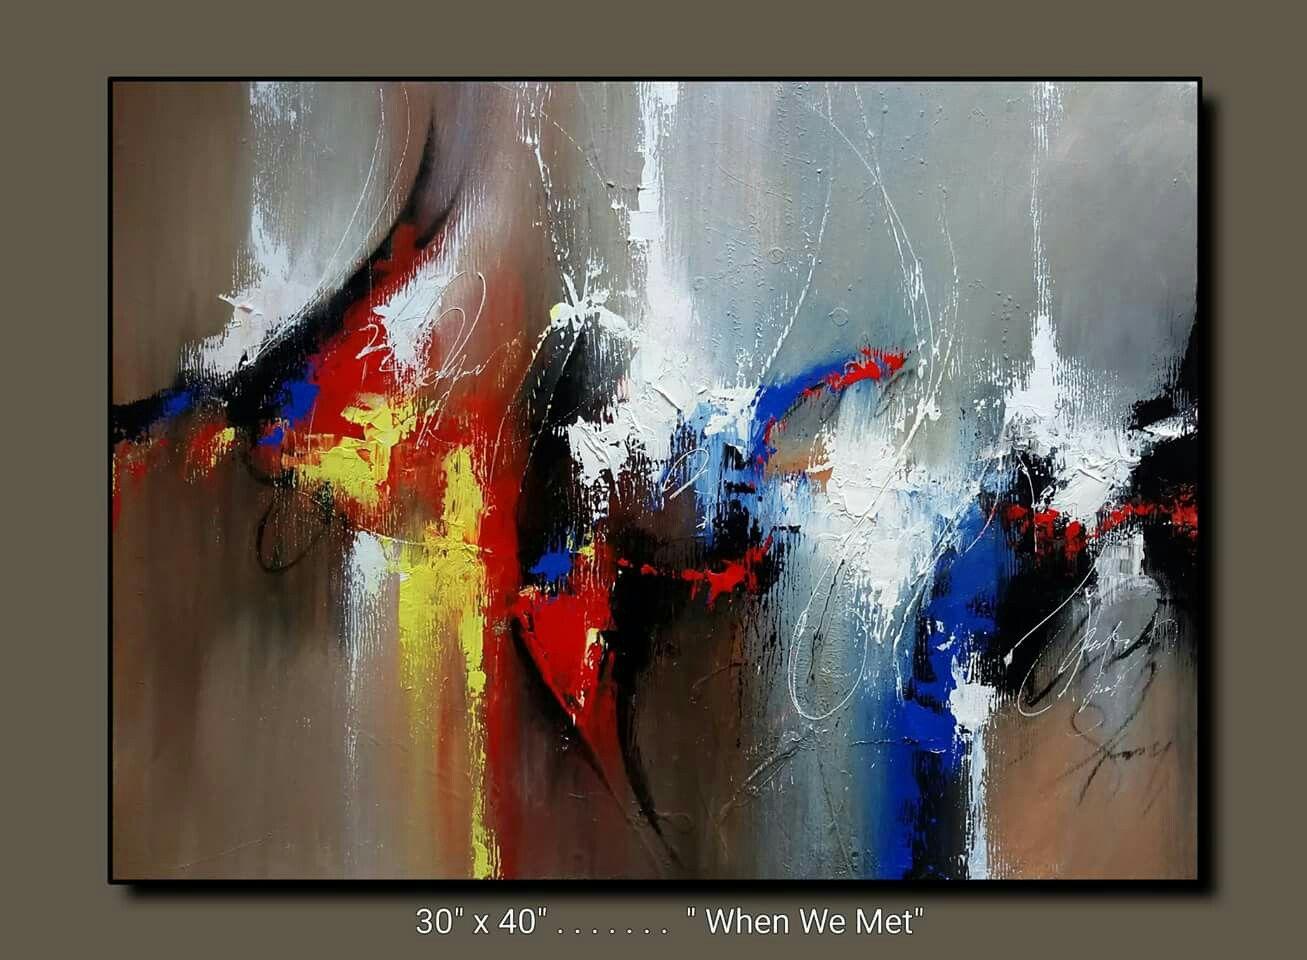 Pingl par marianne lehman sur suraj fine arts pinterest fonds d 39 cran abstraits tableau - Tuto peinture abstraite contemporaine ...